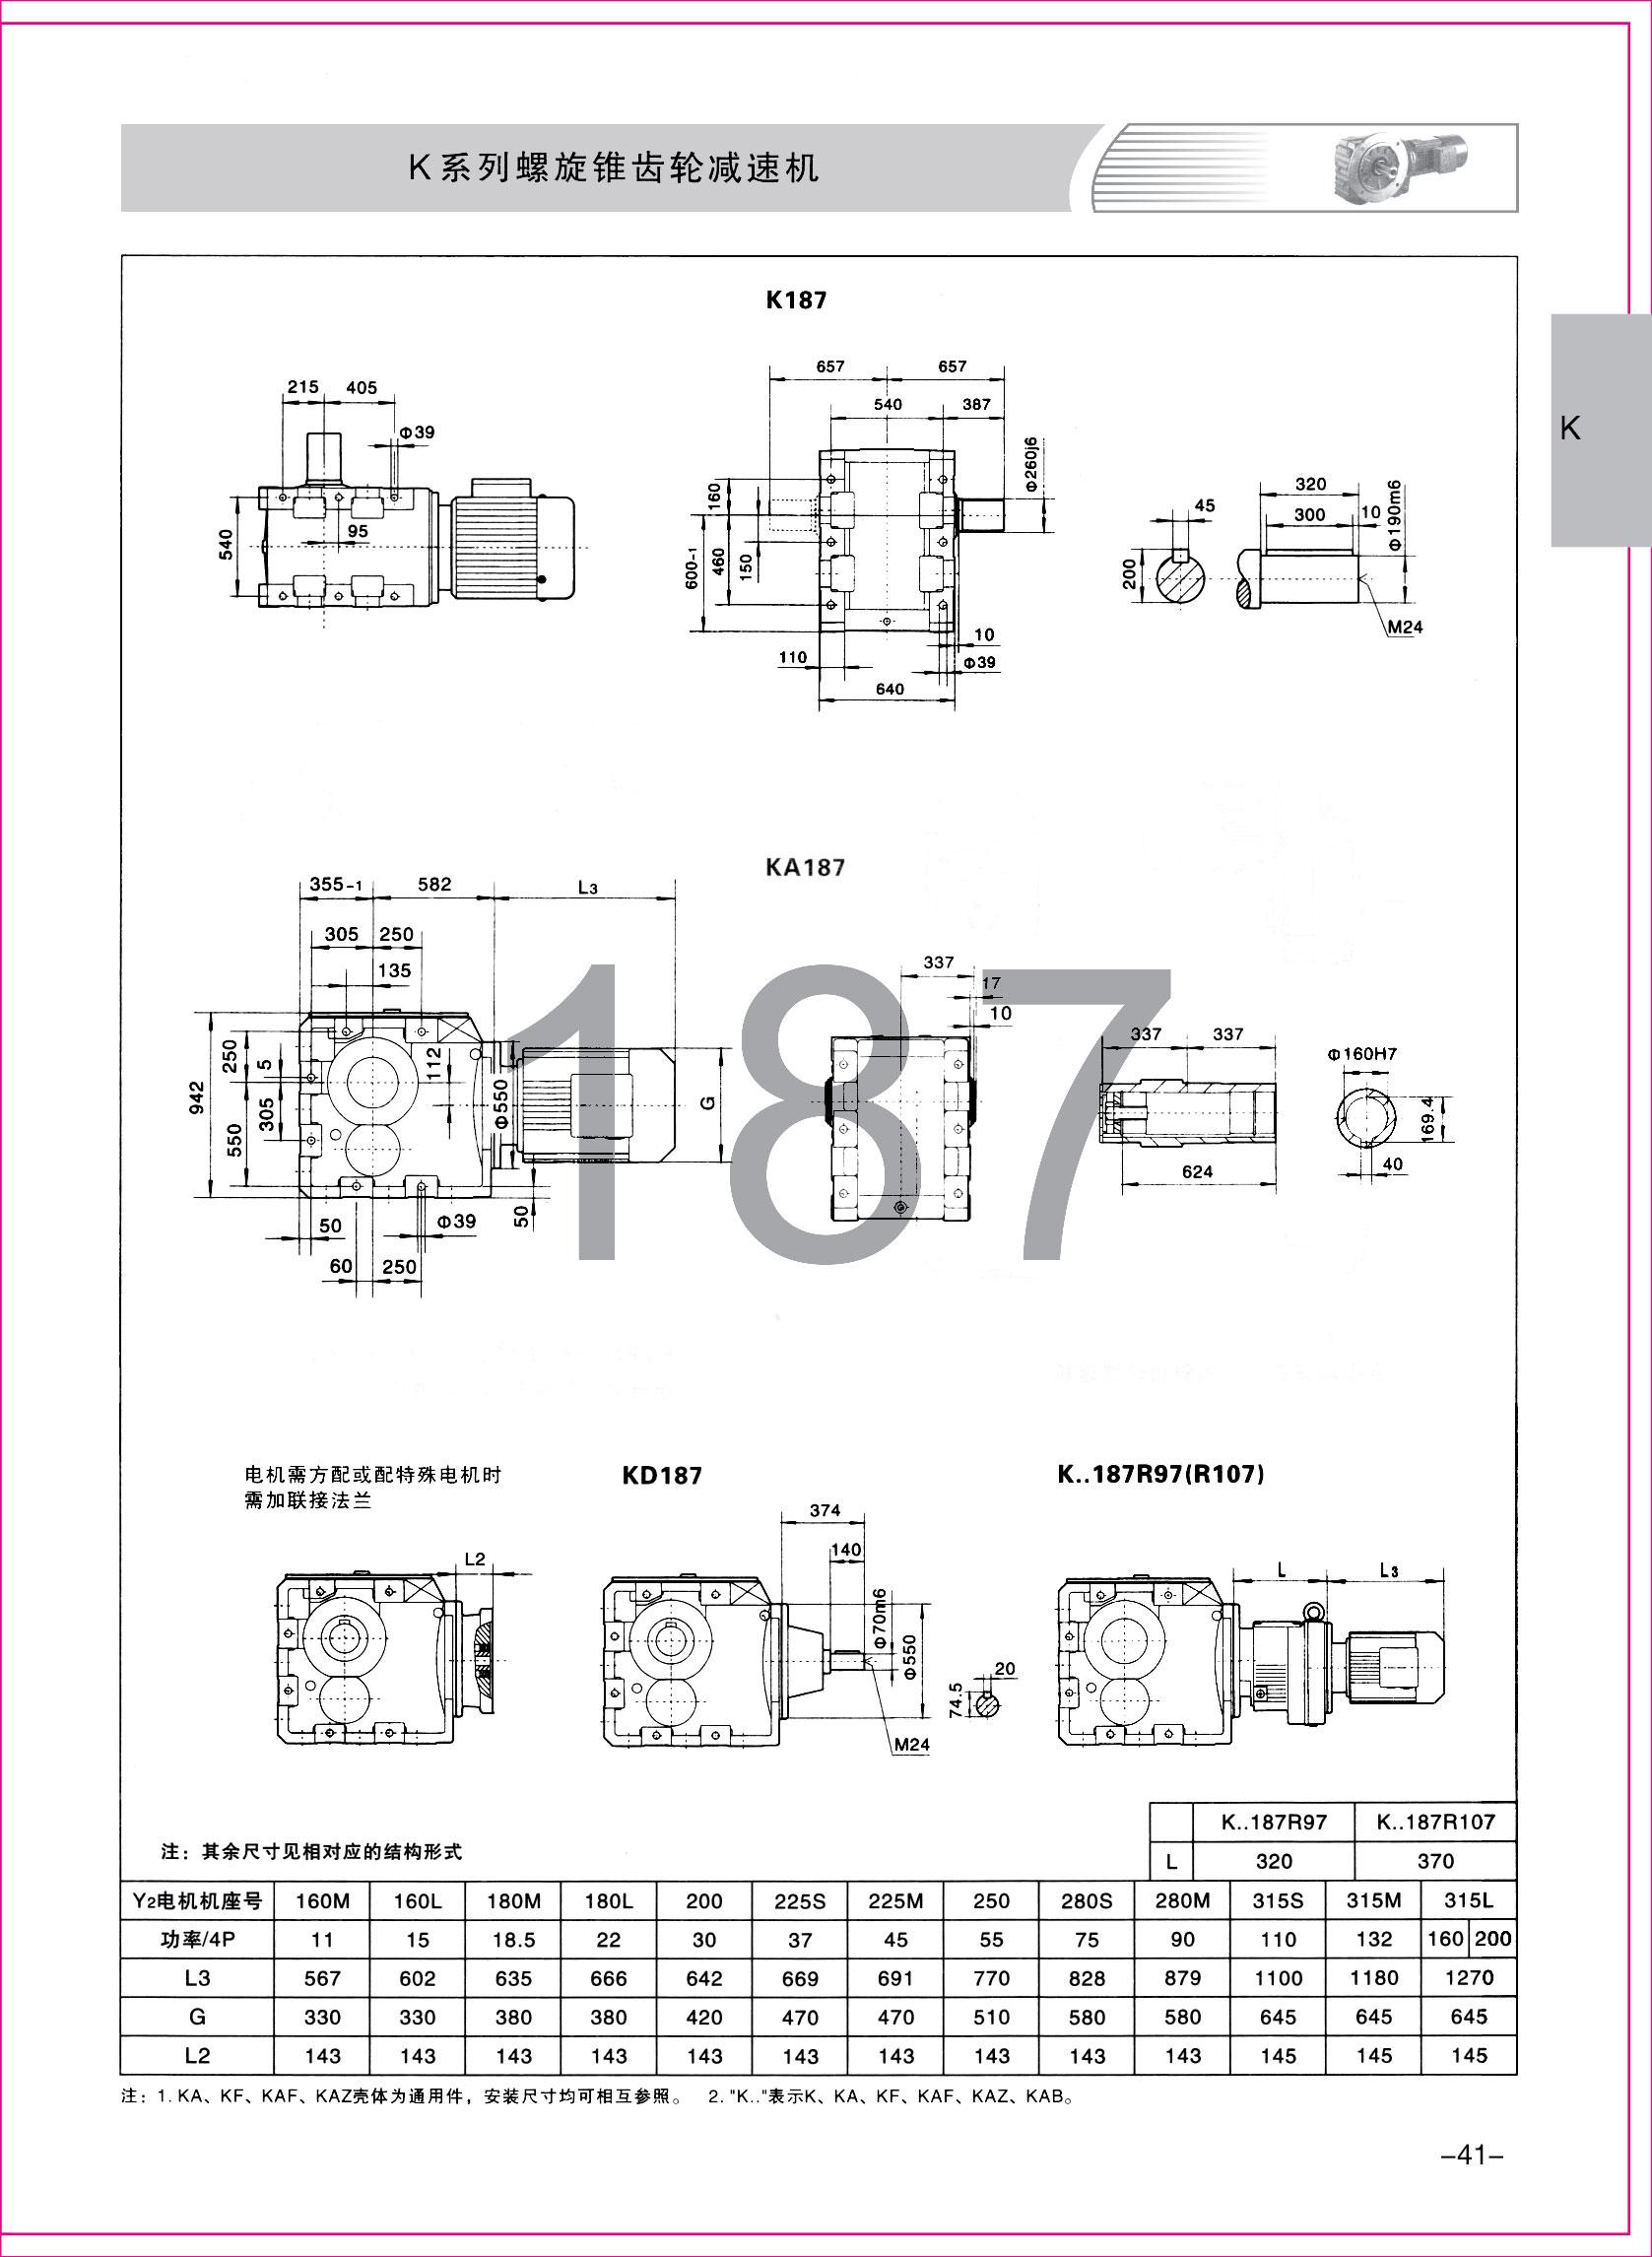 齿轮减速机样本1-1-41.jpg